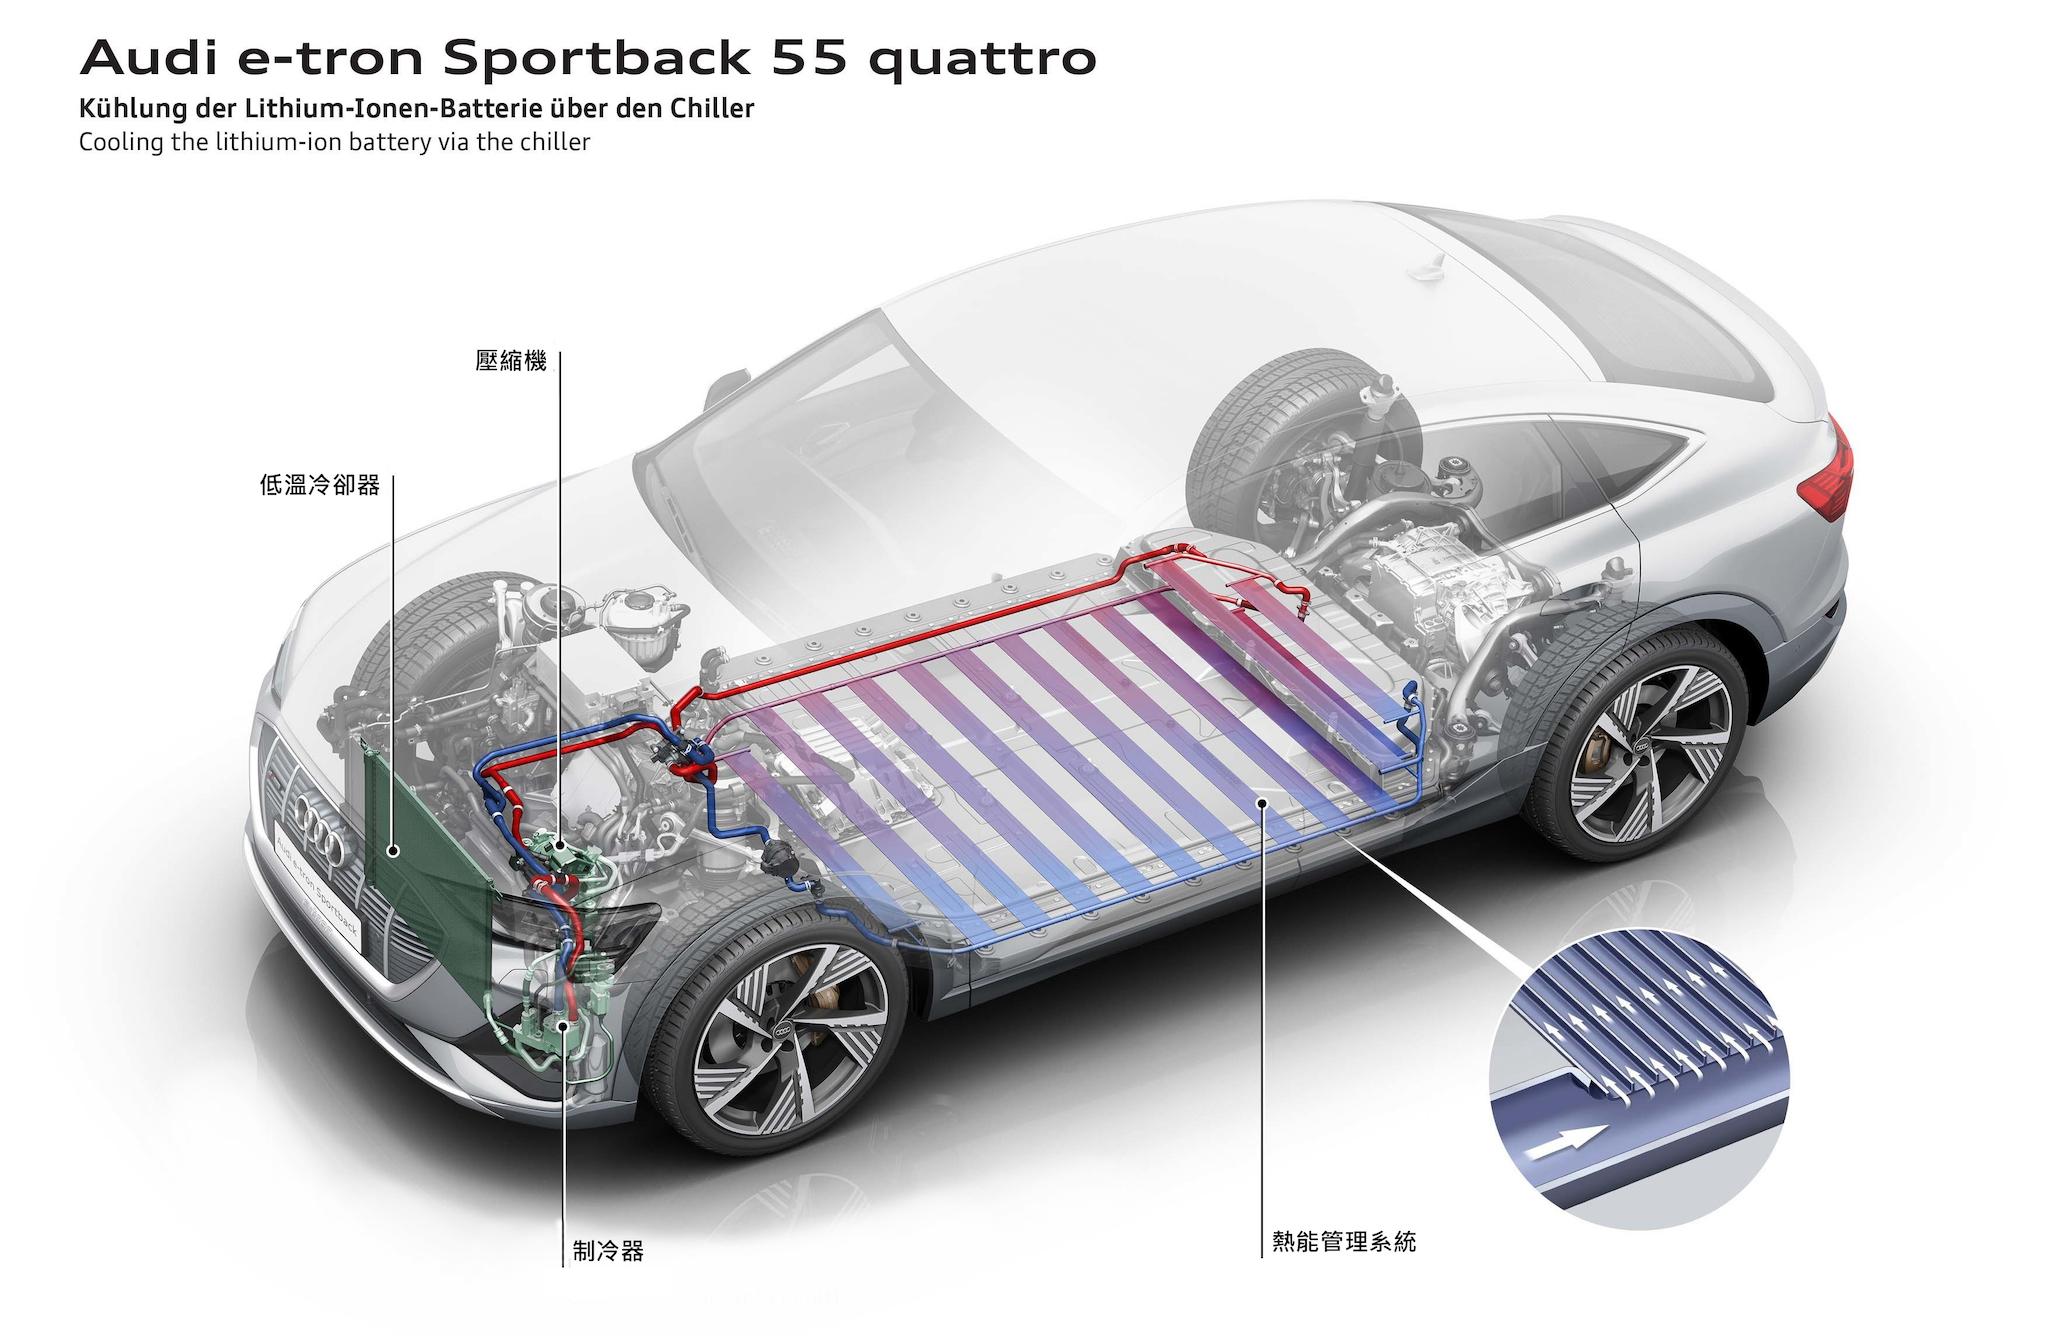 先進熱能管理系統提供更快的充電速度與效率。